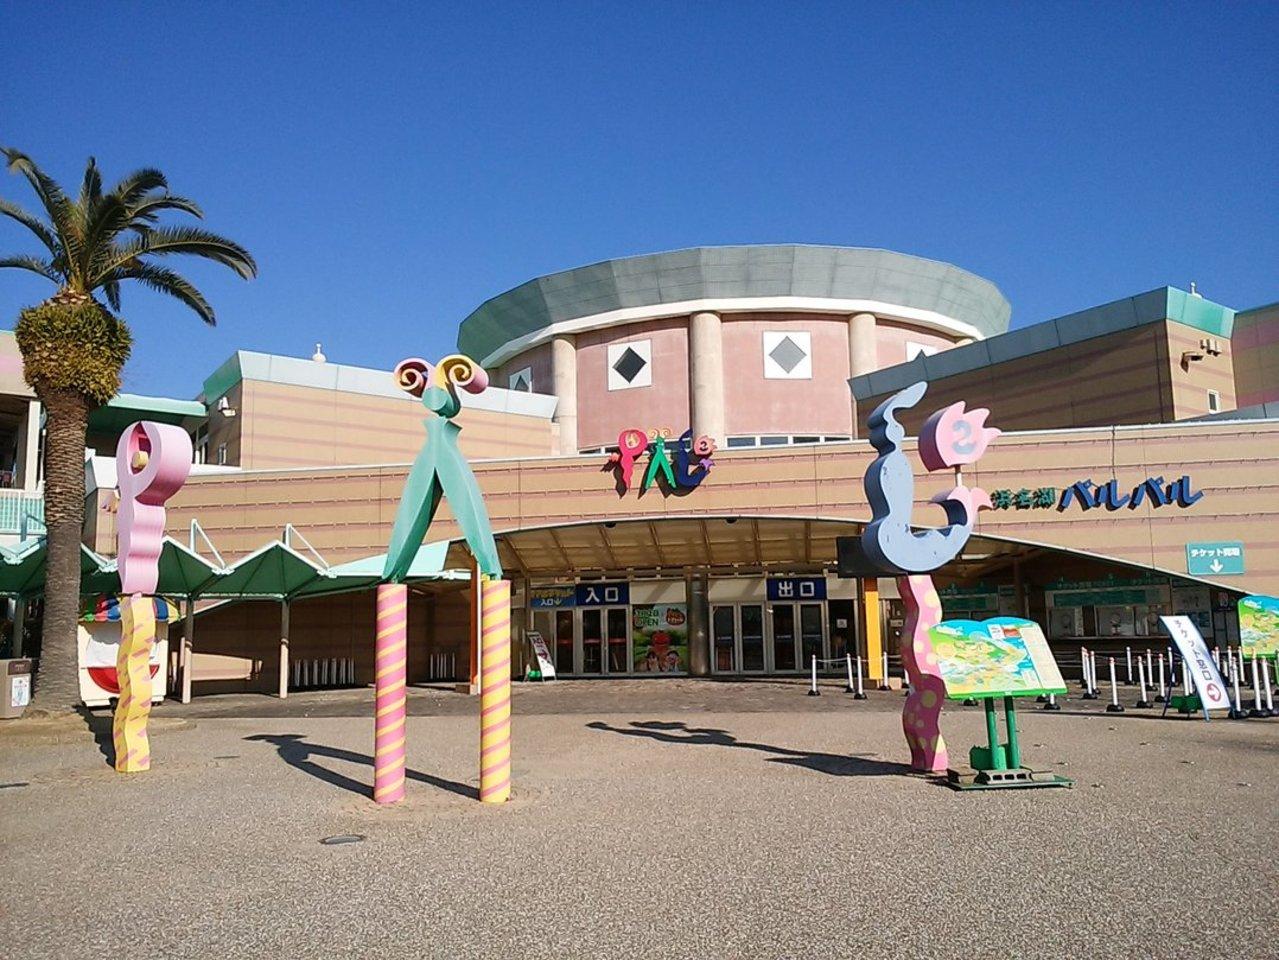 浜名湖畔にあるリゾート型遊園地...静岡県浜松市西区舘山寺町の「浜名湖パルパル」